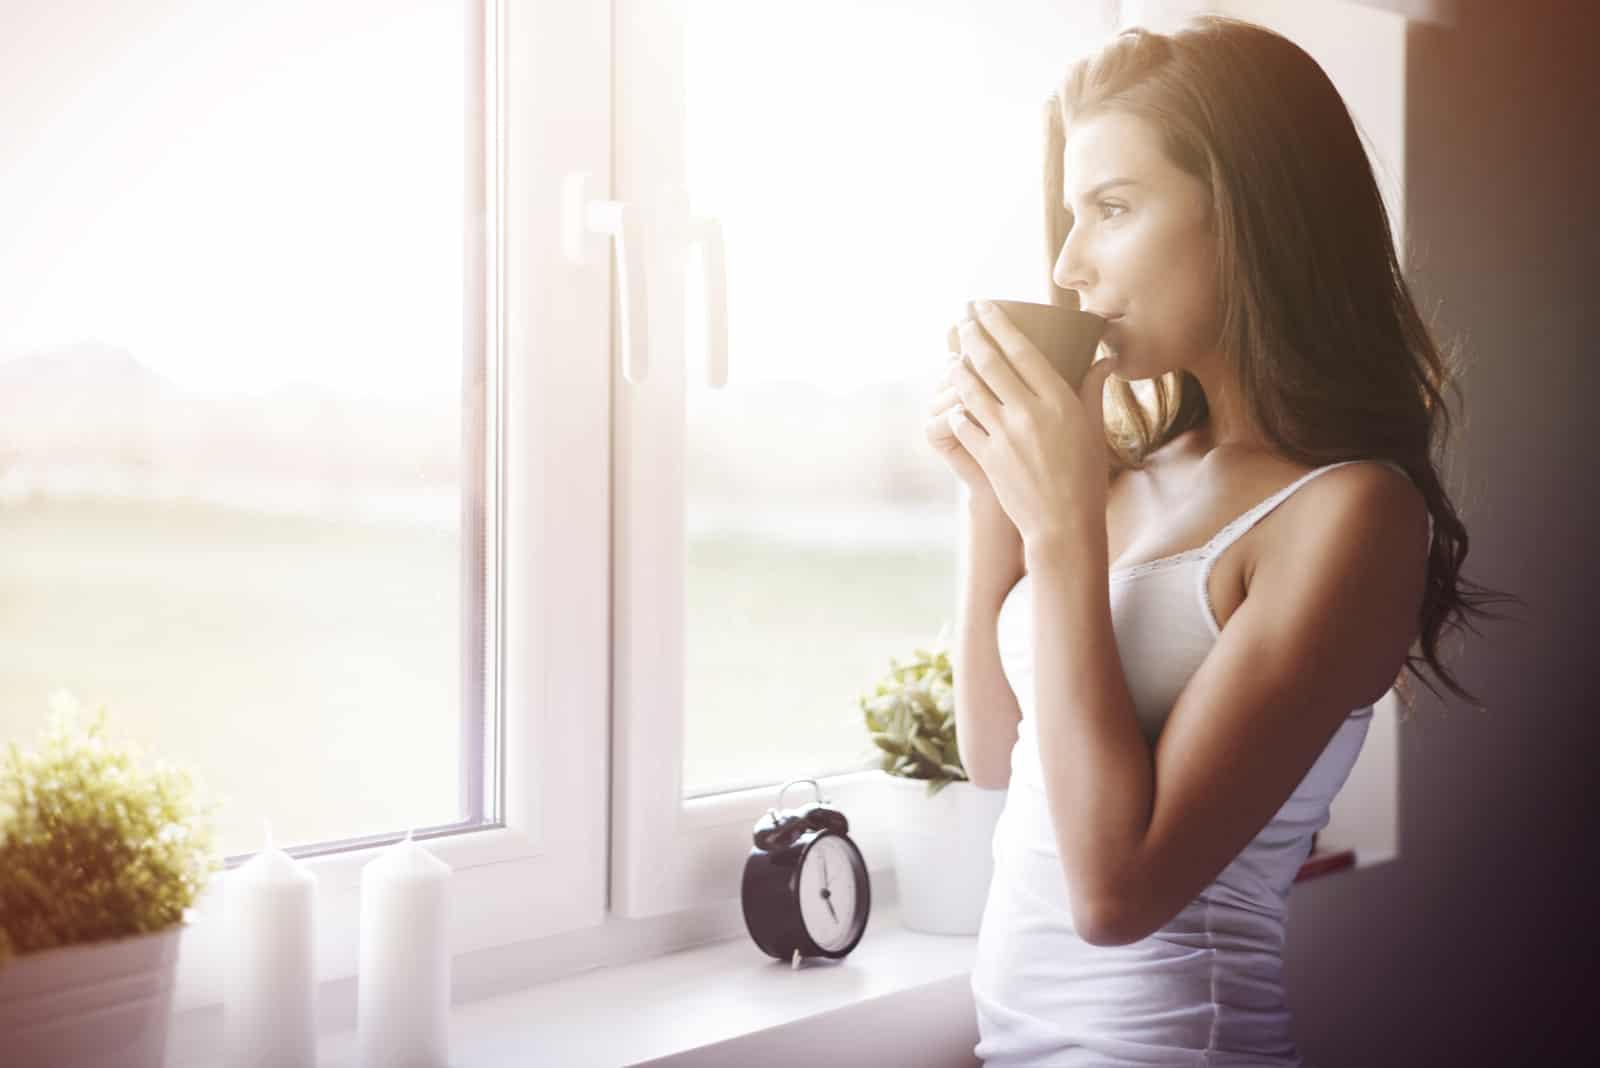 une femme debout près de la fenêtre, boire du café